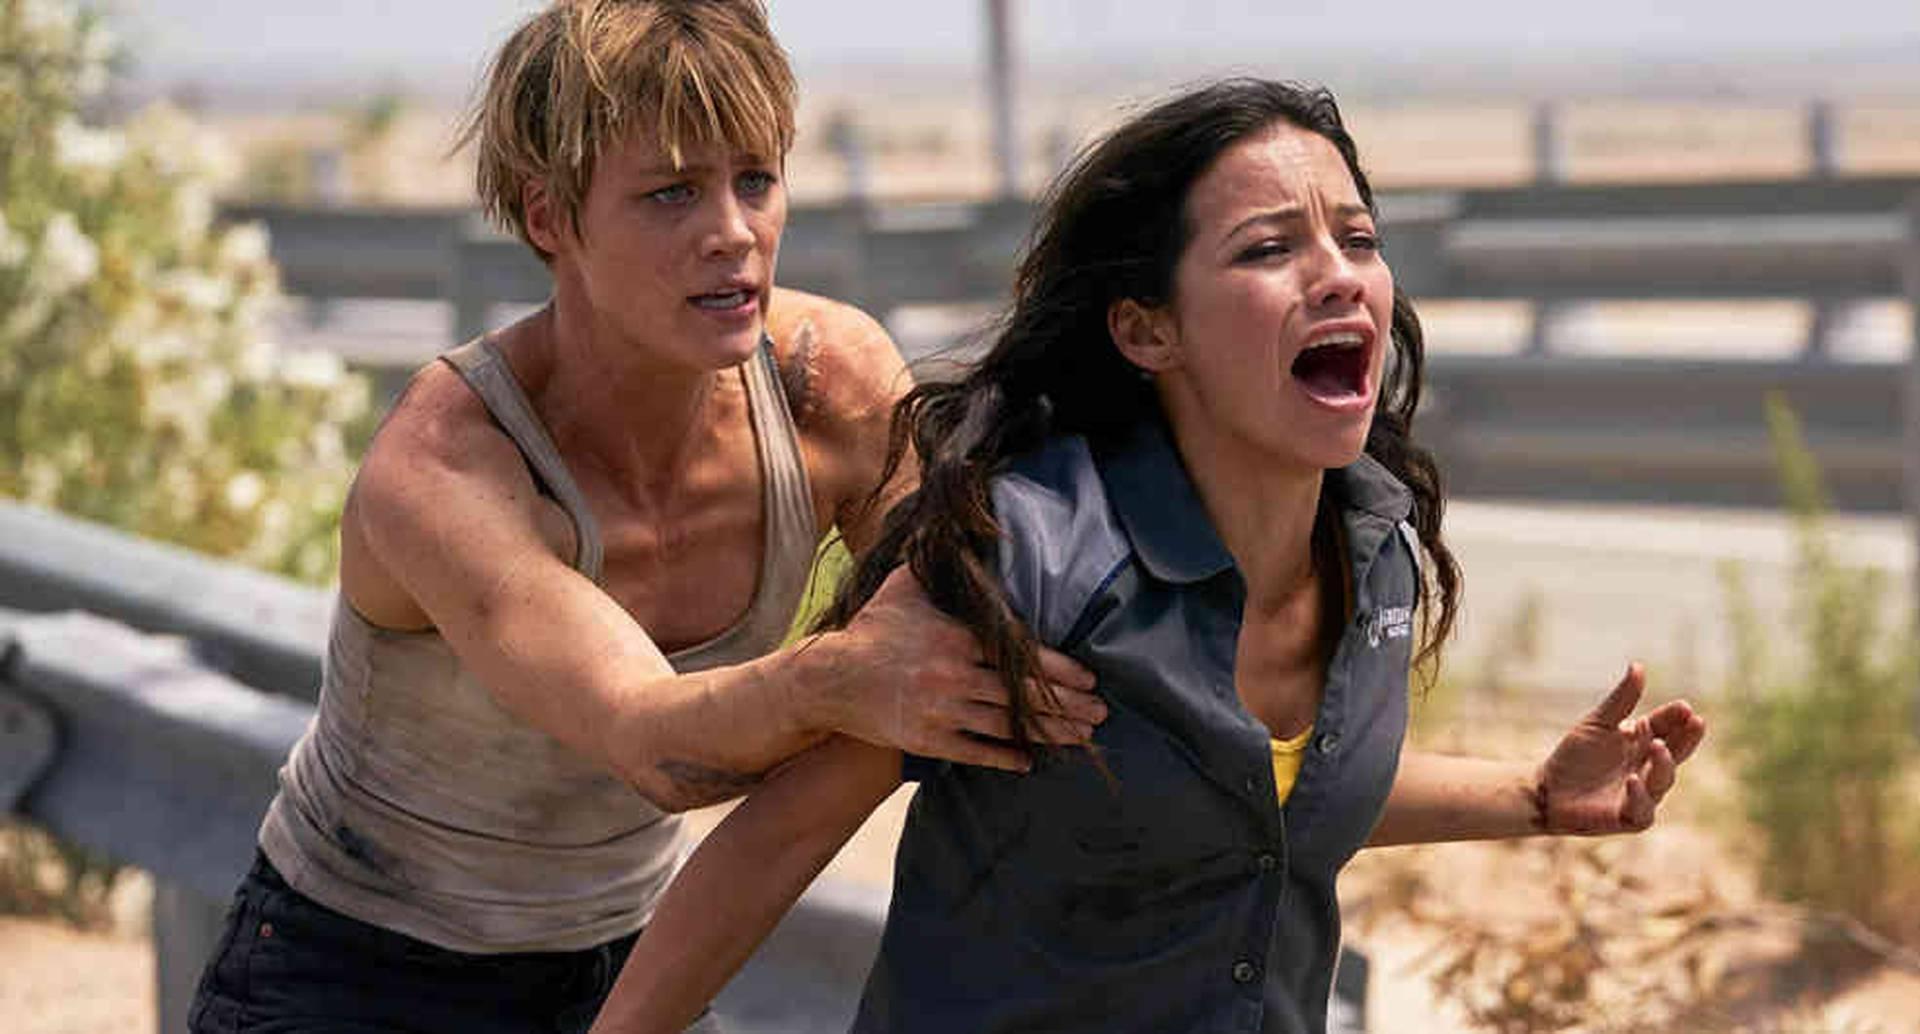 La colombiana Natalia Reyes es una de las protagonistas de la más reciente entrega de la saga.